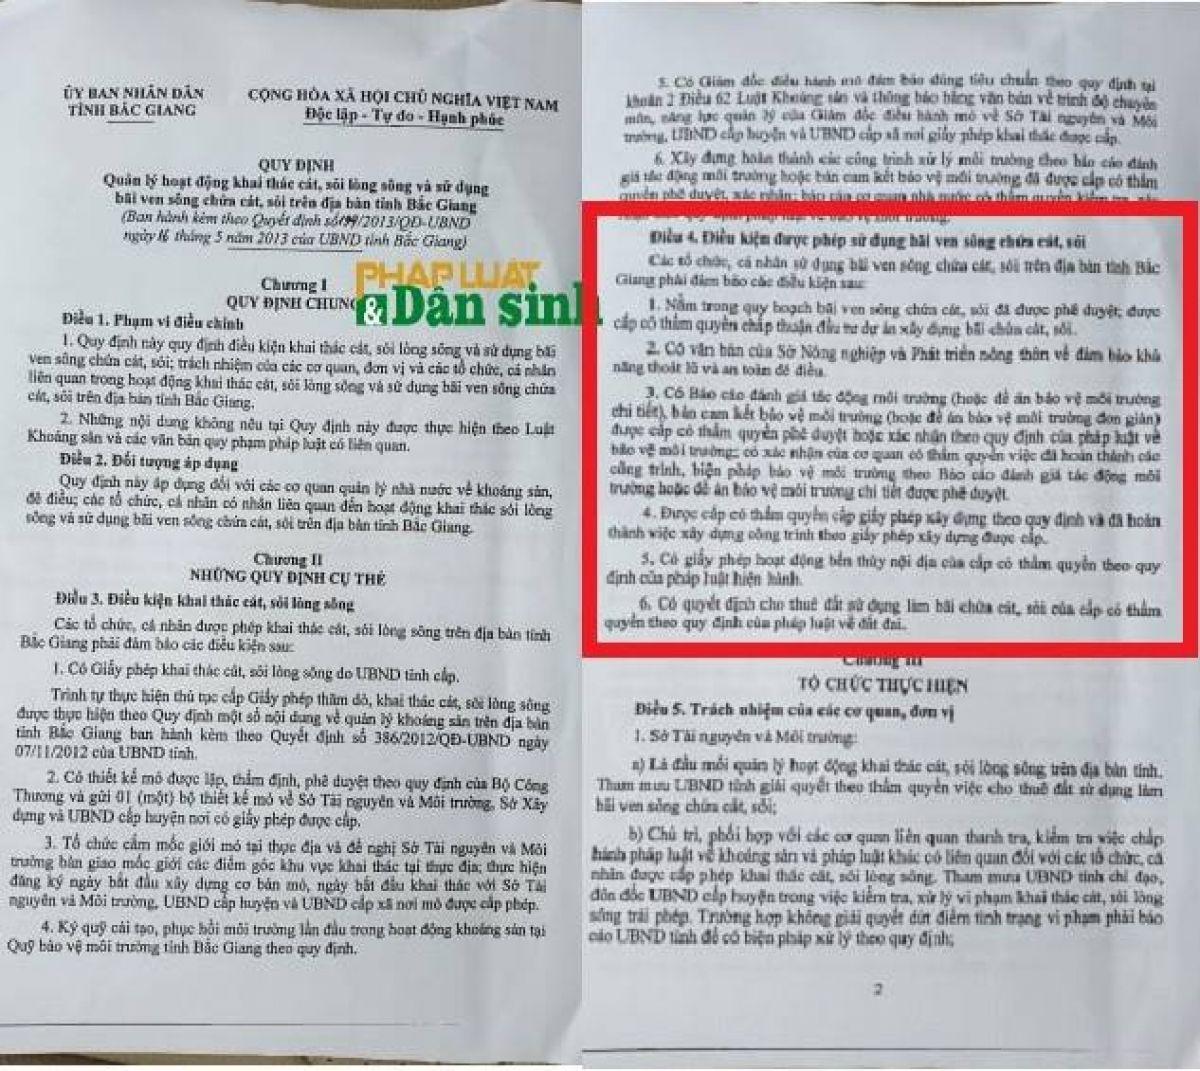 Bắc Giang: Trưởng phòng TN&MT huyện Hiệp Hòa tiết lộ người đứng sau các bãi tập kết không phép   - Ảnh 4